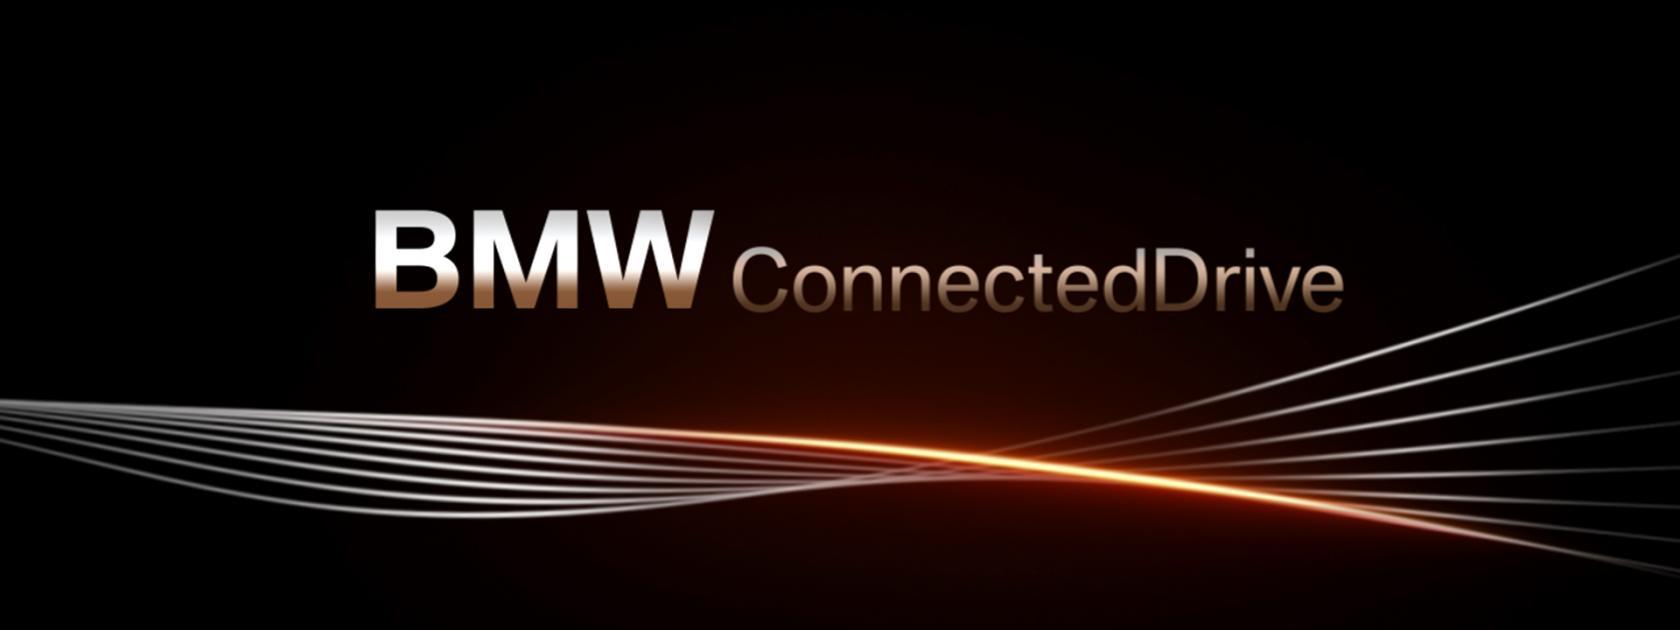 bmw-connecteddrive-logo.jpeg